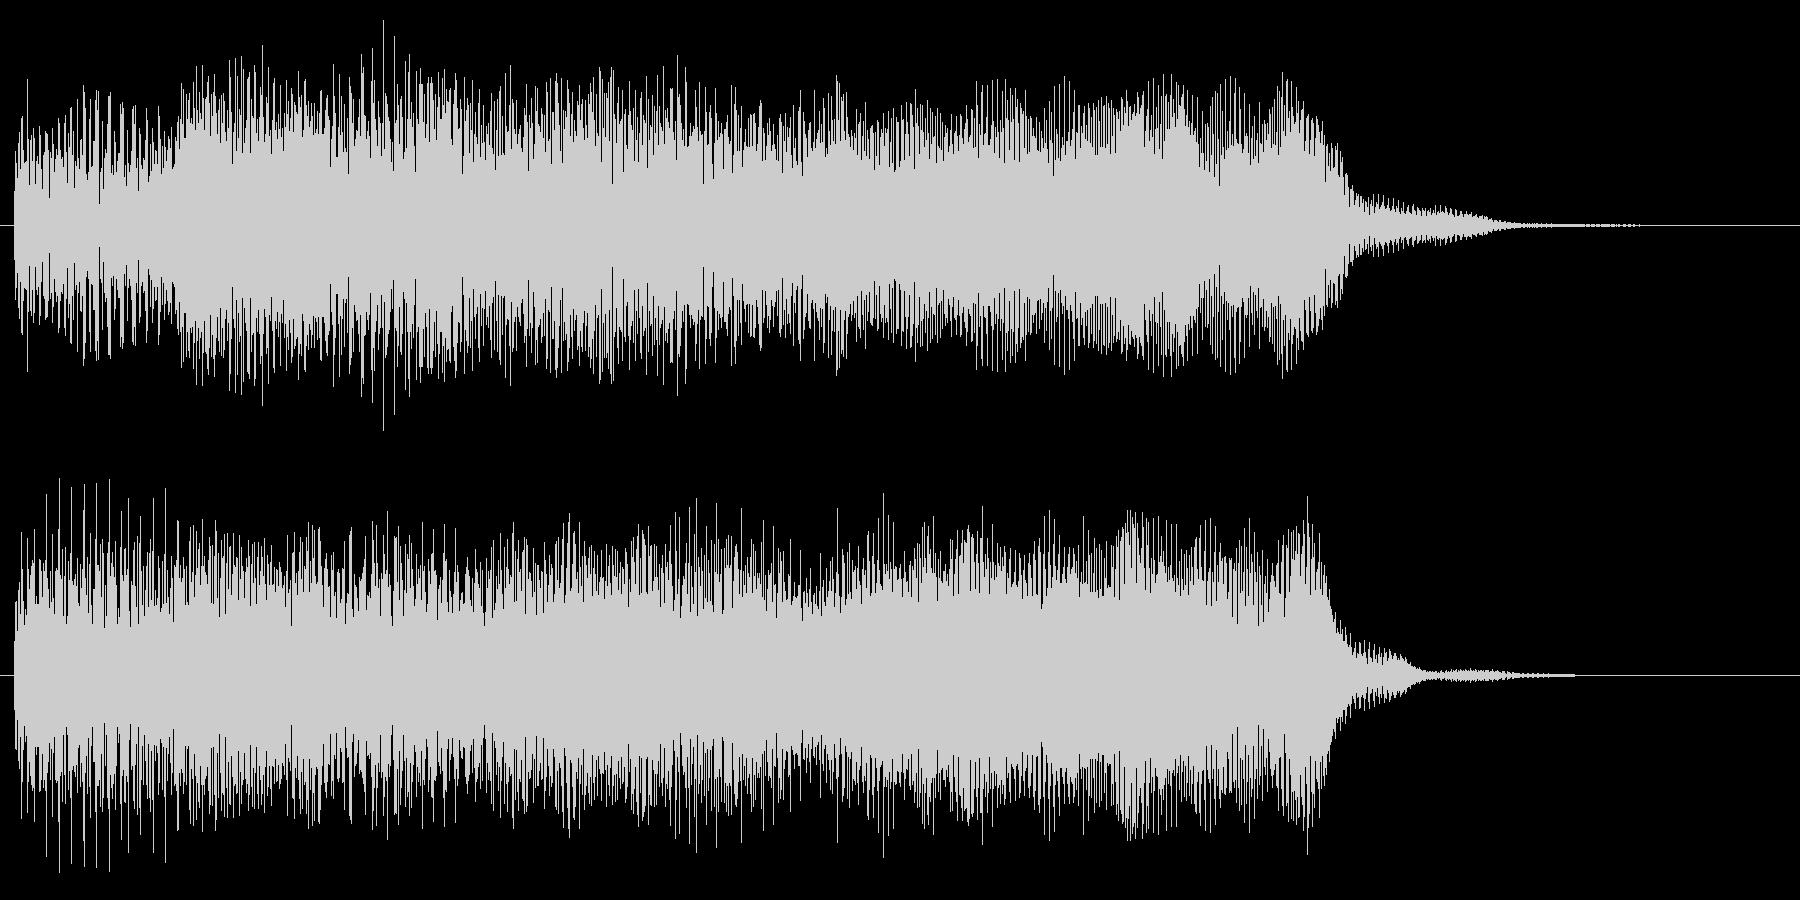 ステージクリア 目標達成 場面転換音の未再生の波形